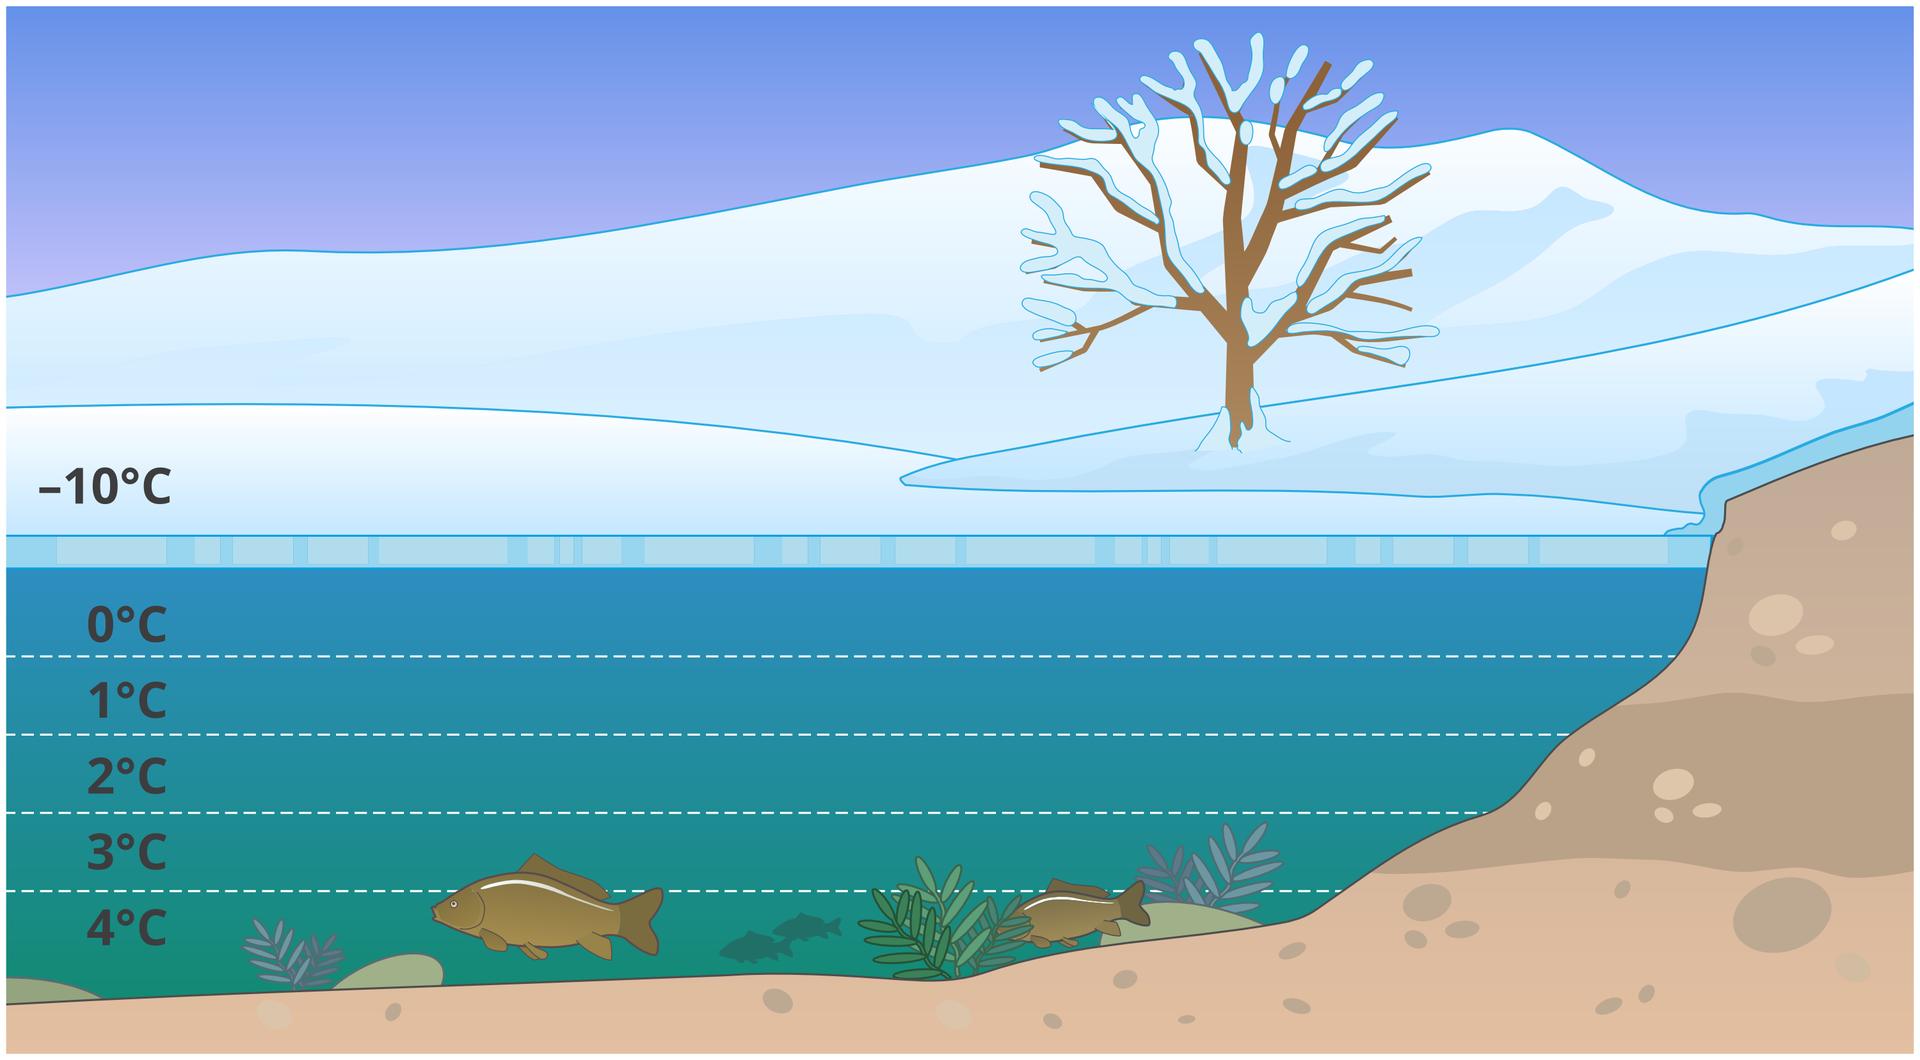 """Ilustracja przedstawia pionowy przekrój zbiornika wody zimą. Pozioma podziałka wskazuje temperaturę. Na powierzchni jest minus dziesięć stopni, pod lodem zero, aprzy dnie zbiornika plus cztery stopnie. Pływają tam dwie ryby. Woda ma największą gęstość wtemperaturze cztery stopnie Celsjusza, dzięki czemu nie zamarza iumożliwia przeżycie zimy organizmom wodnym. Fotografia przedstawia owada nartnika na powierzchni wody. Siły działające pomiędzy cząsteczkami wody tworzą tak zwaną błonę powierzchniową, po której owad może się """"ślizgać""""."""